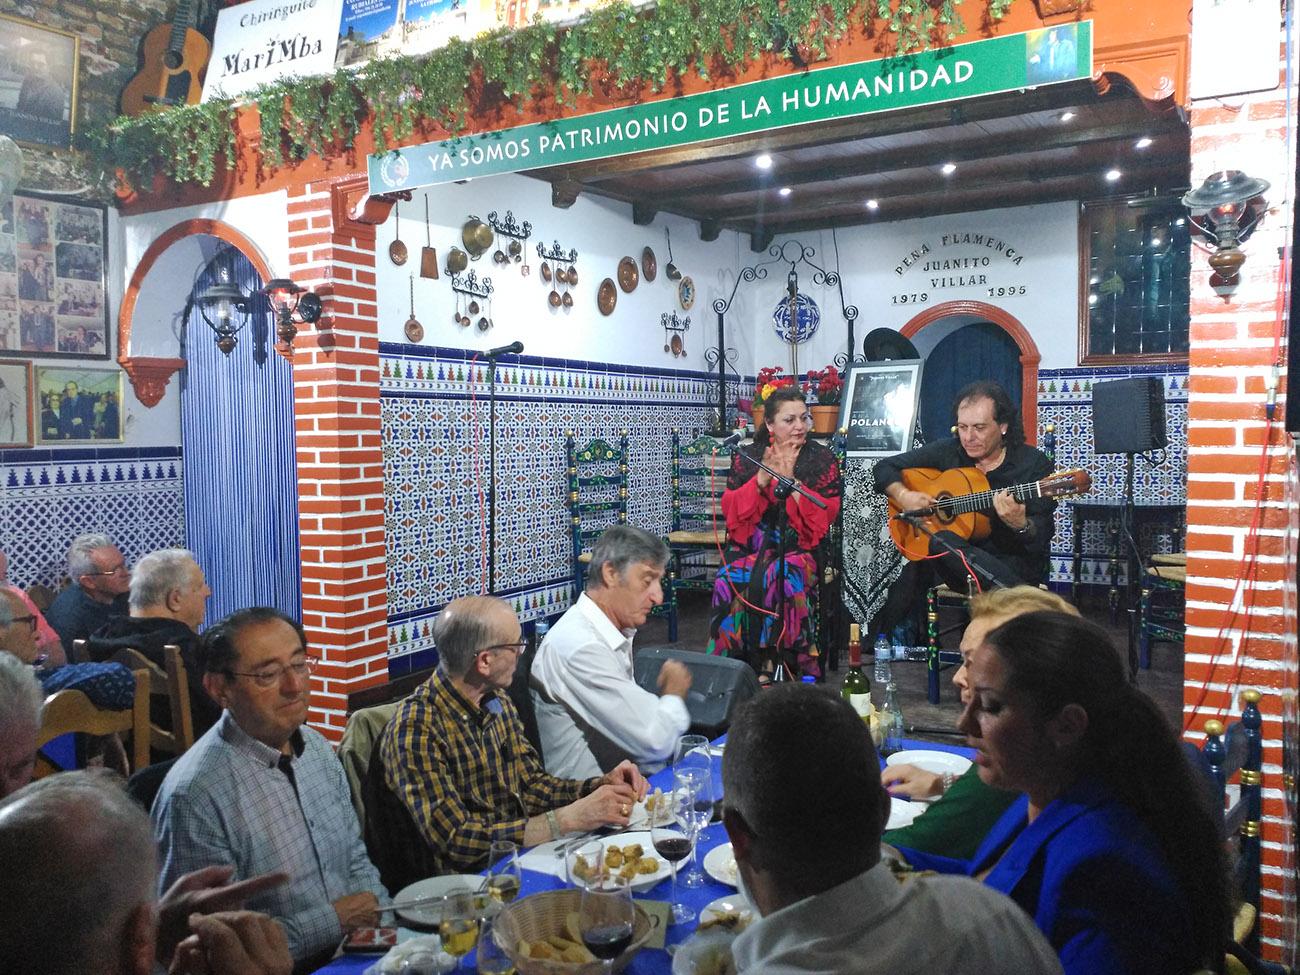 Carmen de la Jara y Antonio Carrión. XIII Ciclo Dedicado a la Mujer Gaditana en el Flamenco 2019. Peña Flamenca Juanito Villar, Cádiz. Foto: Luis Pérez